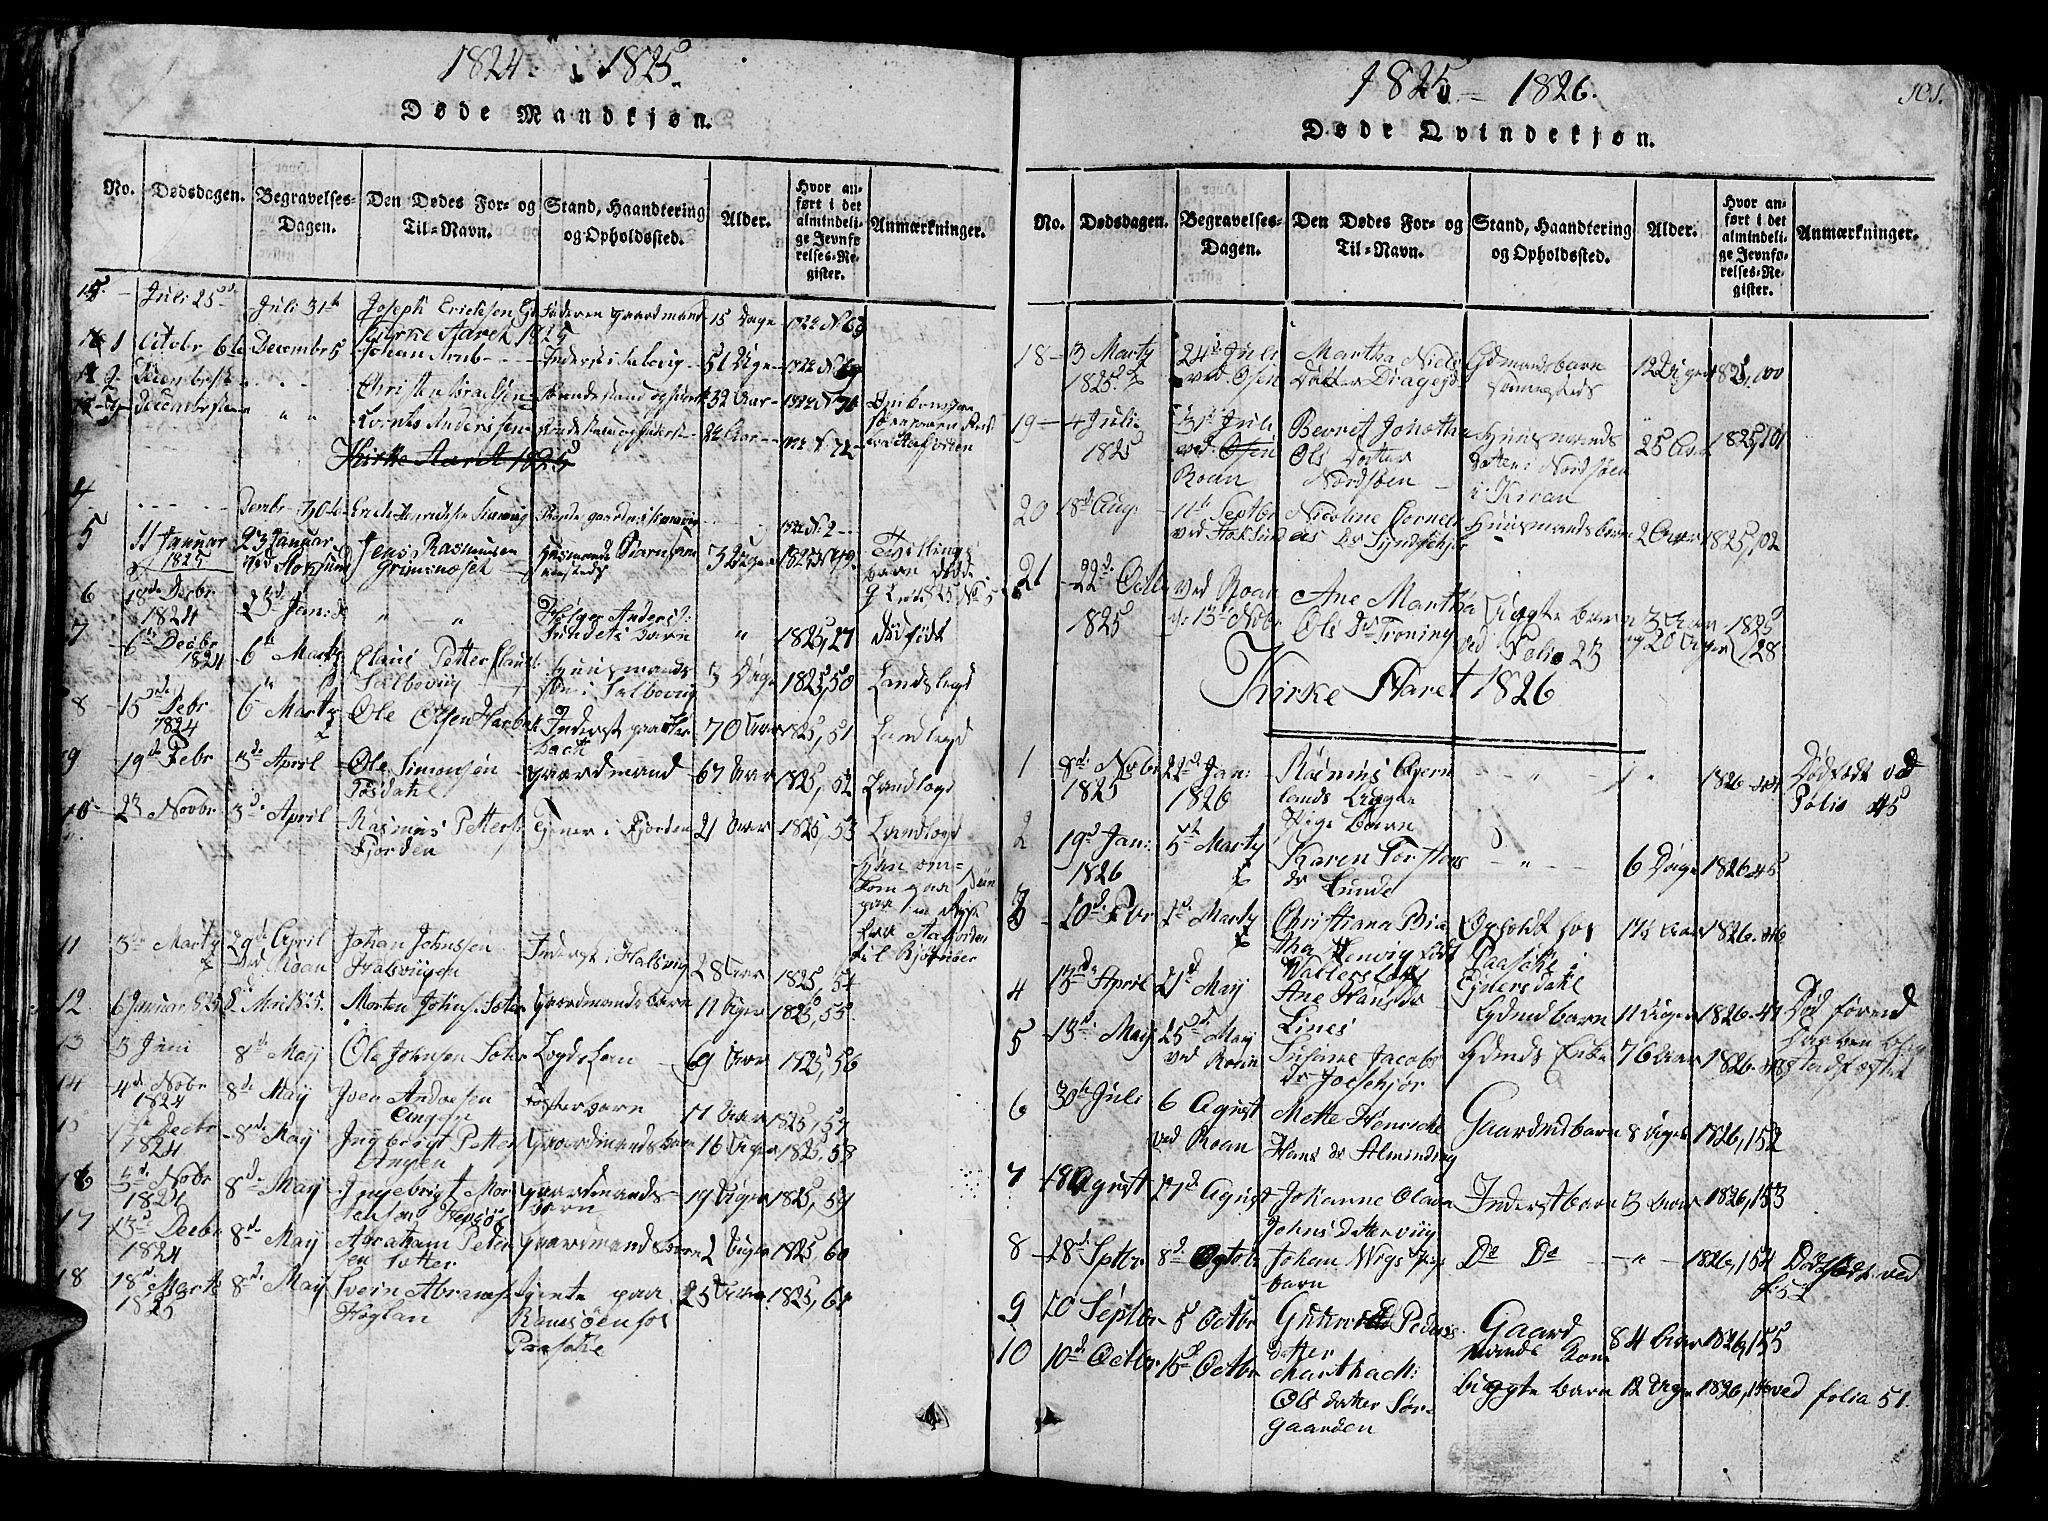 SAT, Ministerialprotokoller, klokkerbøker og fødselsregistre - Sør-Trøndelag, 657/L0714: Klokkerbok nr. 657C01, 1818-1868, s. 101